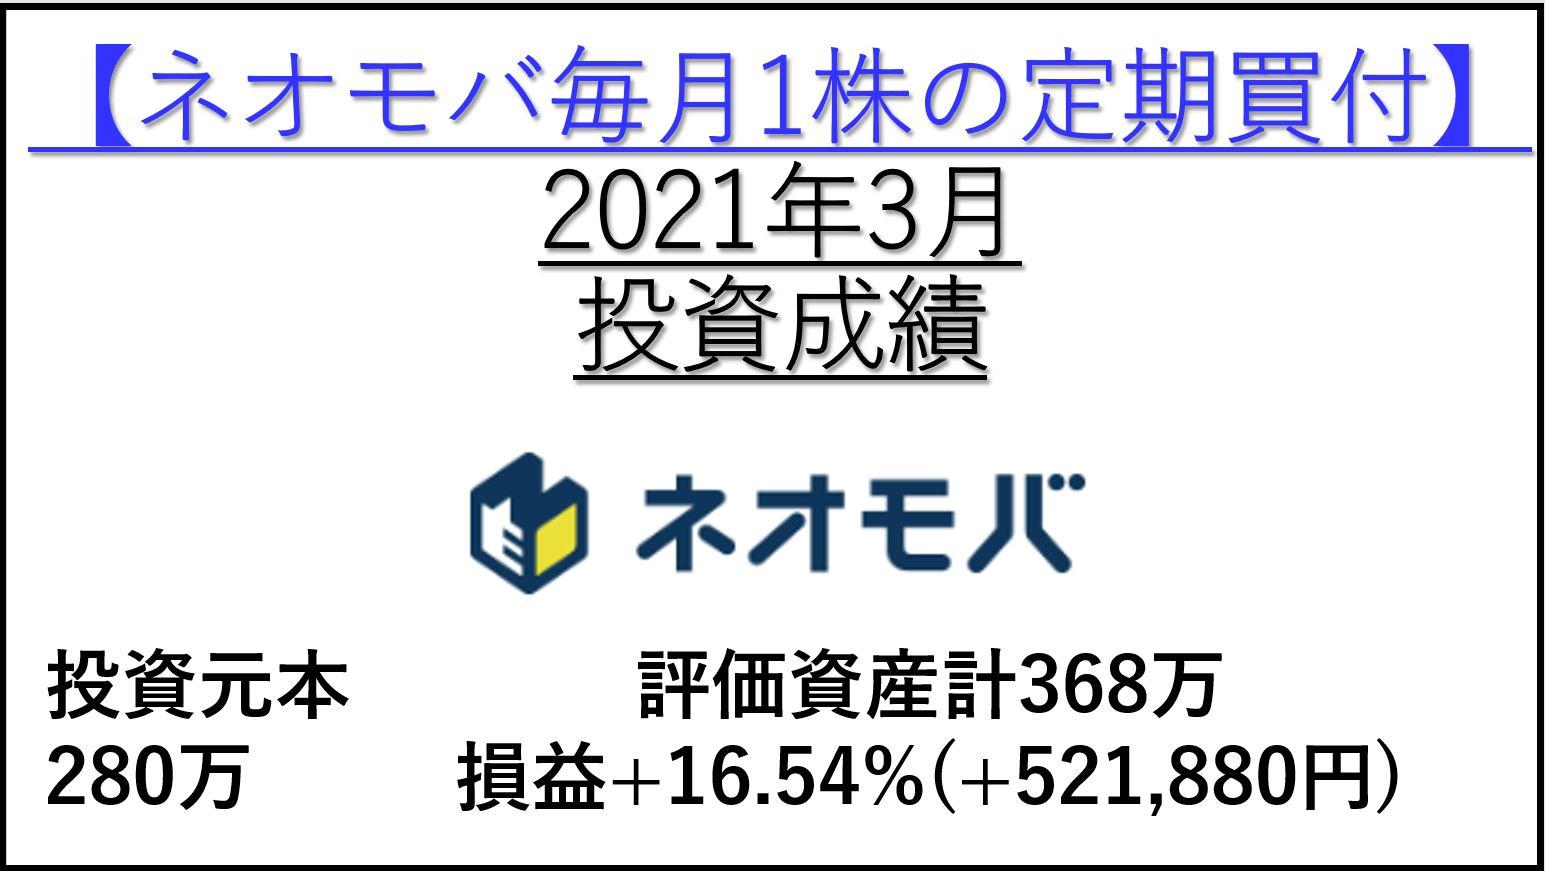 ネオモバ高配当株-2021年3月投資成績